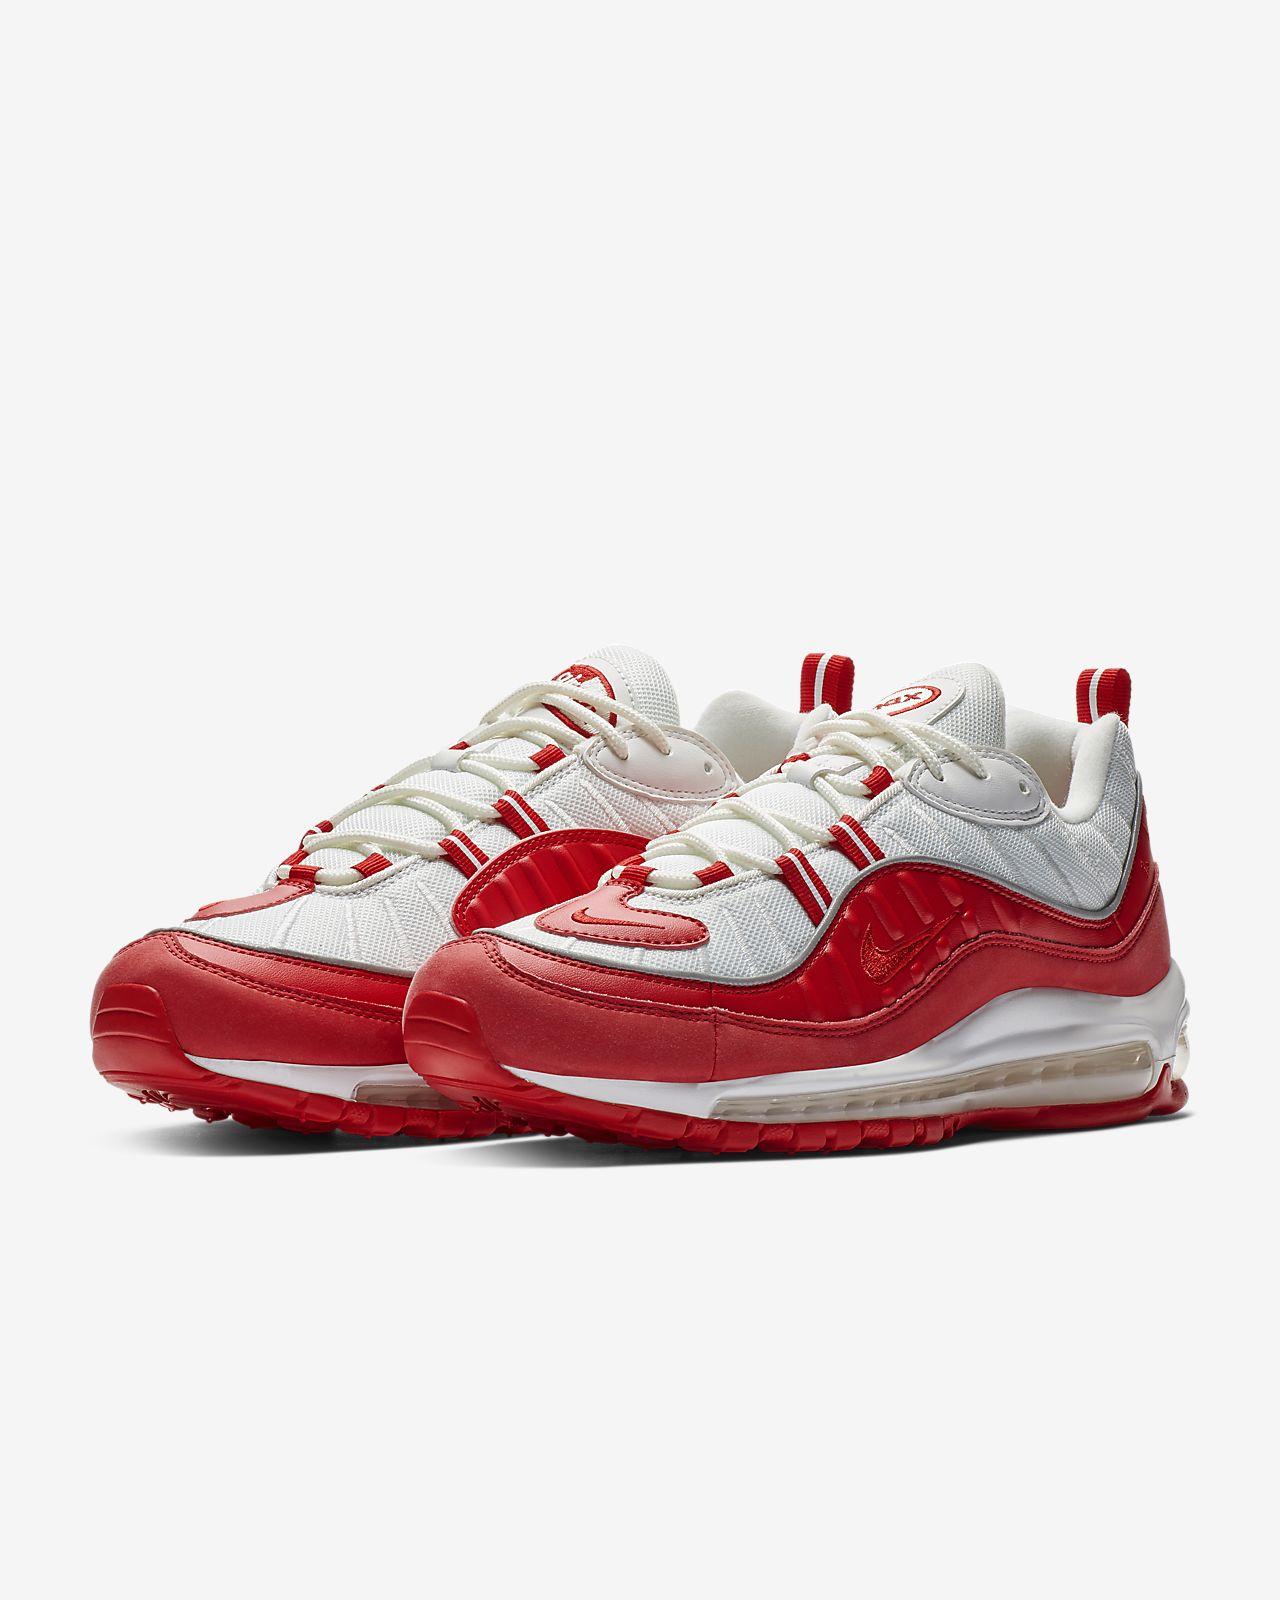 4f11d7fe06a9 Nike Air Max 98 Men s Shoe. Nike.com